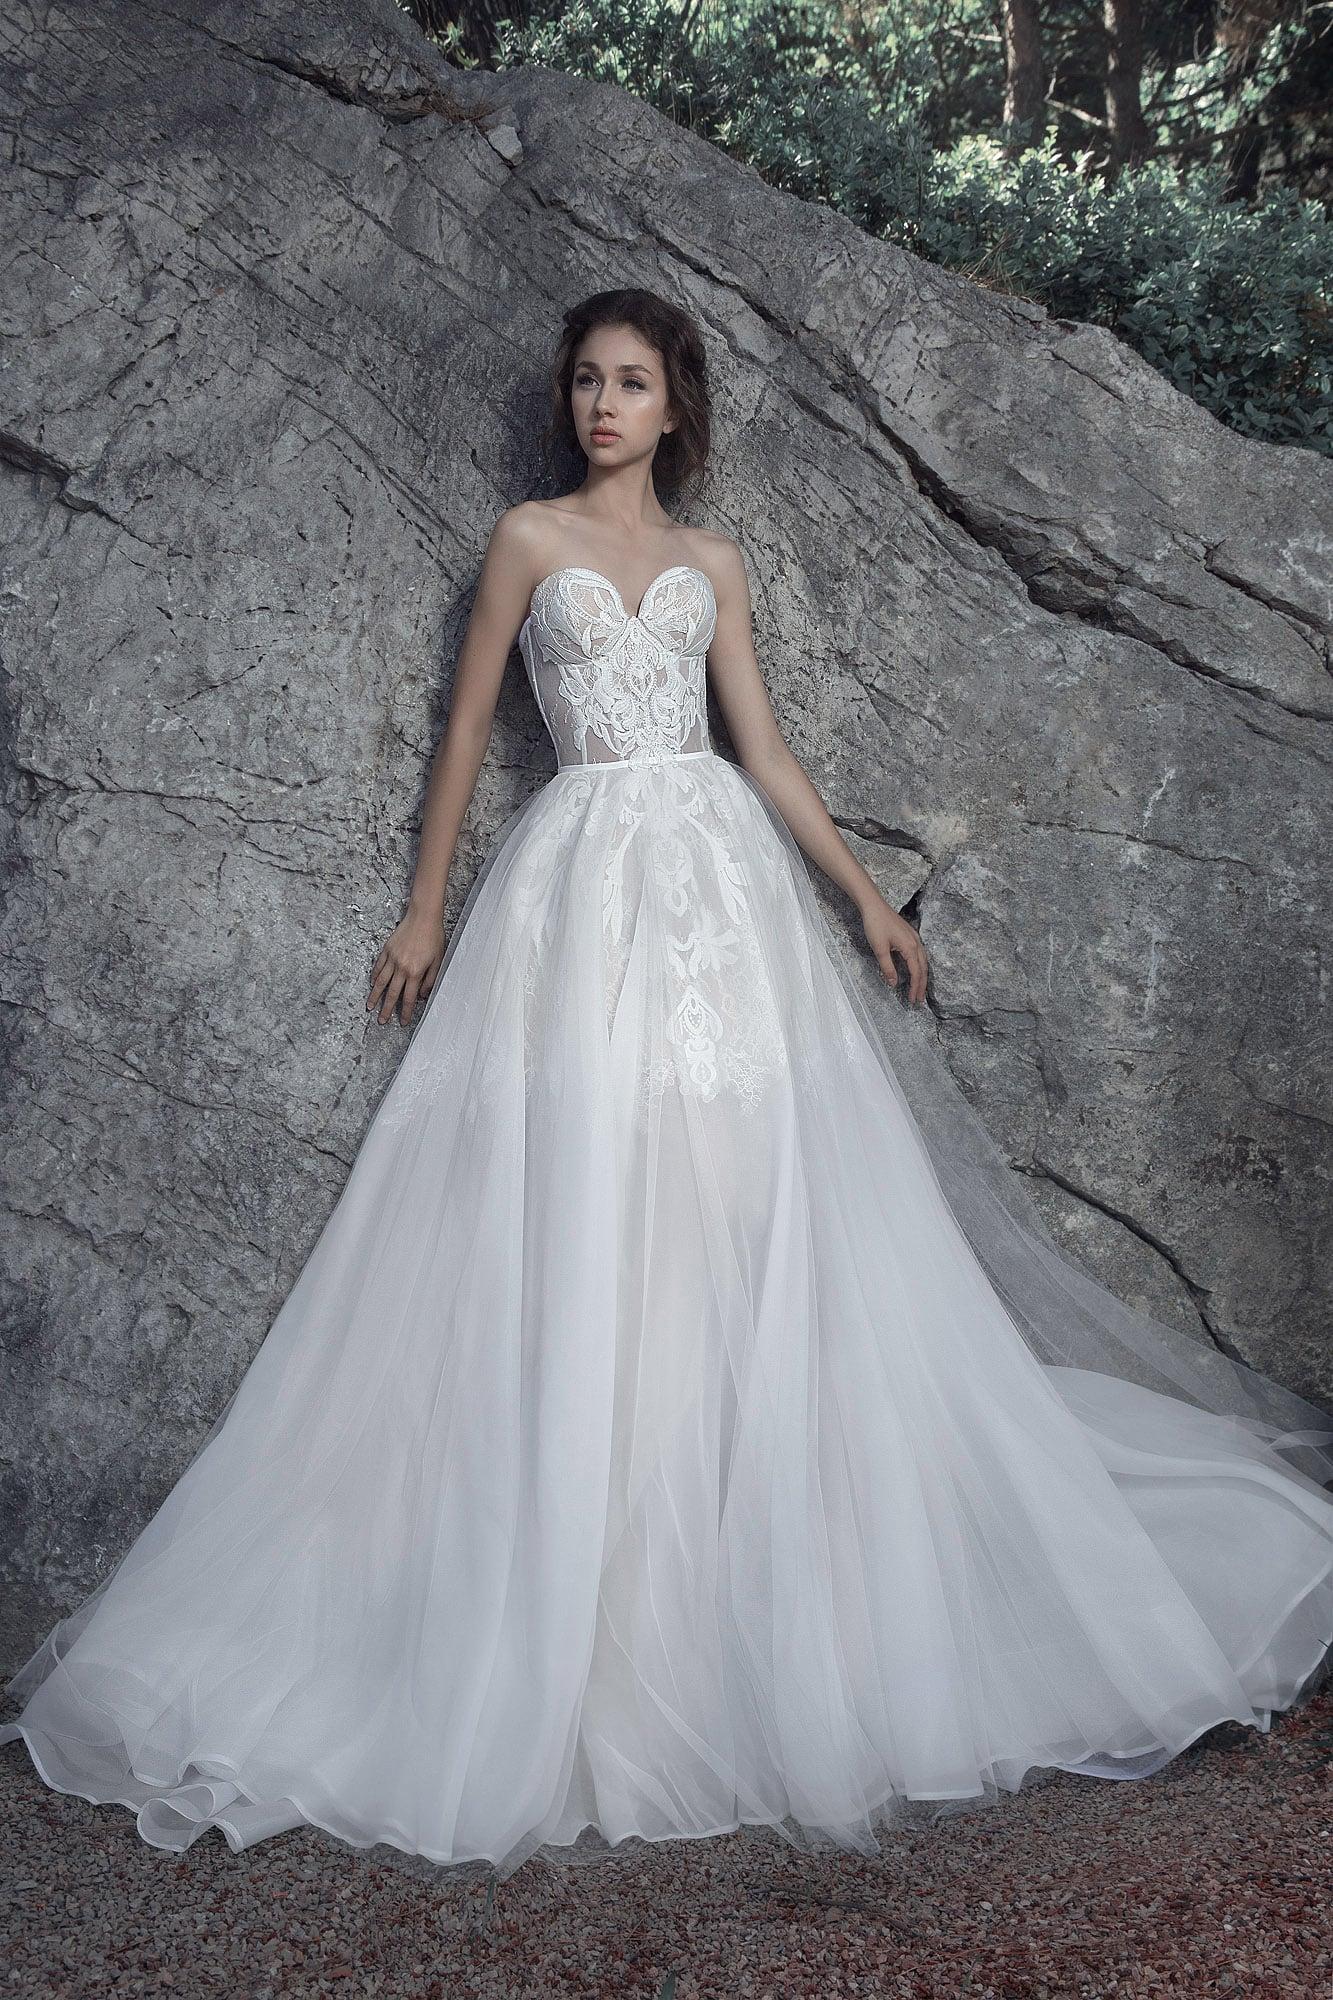 Очаровательное свадебное платье с полупрозрачной пышной юбкой.